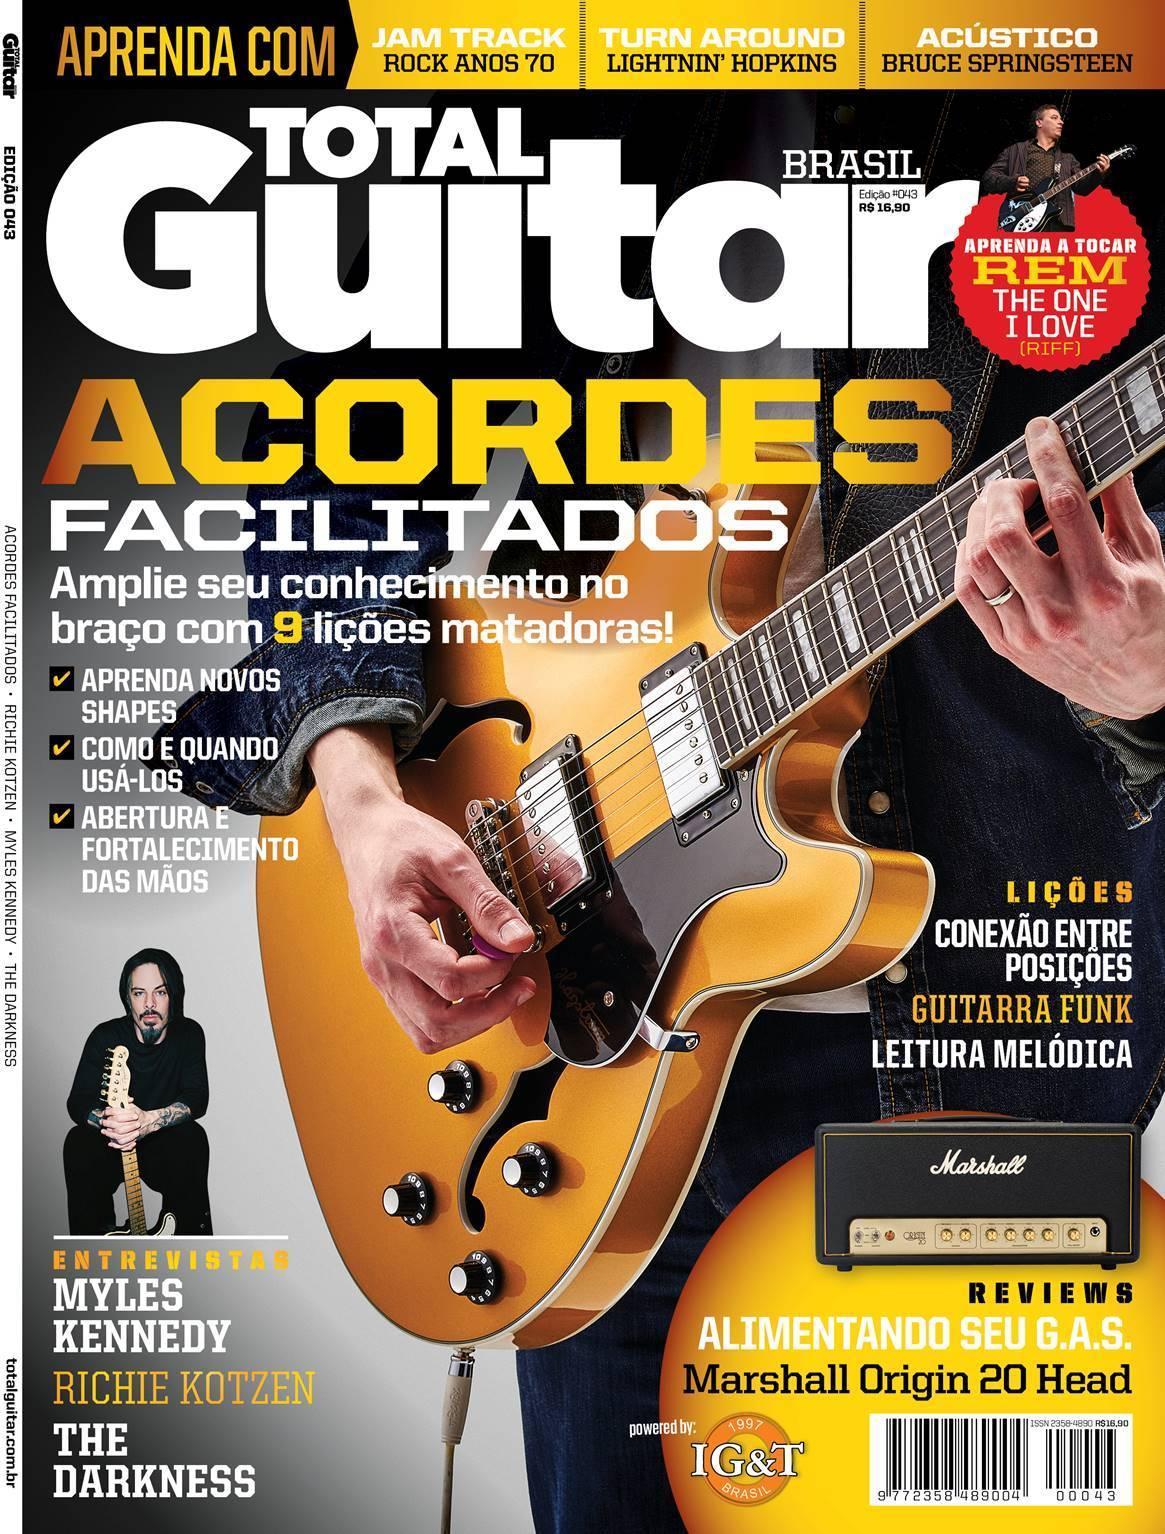 Revista Total Guitar Brasil #43 - Acordes facilitados, entrevistas com Myles Kennedy, Richie Kotzen, The Darkness, os brasileiros do Project 46 e muito mais